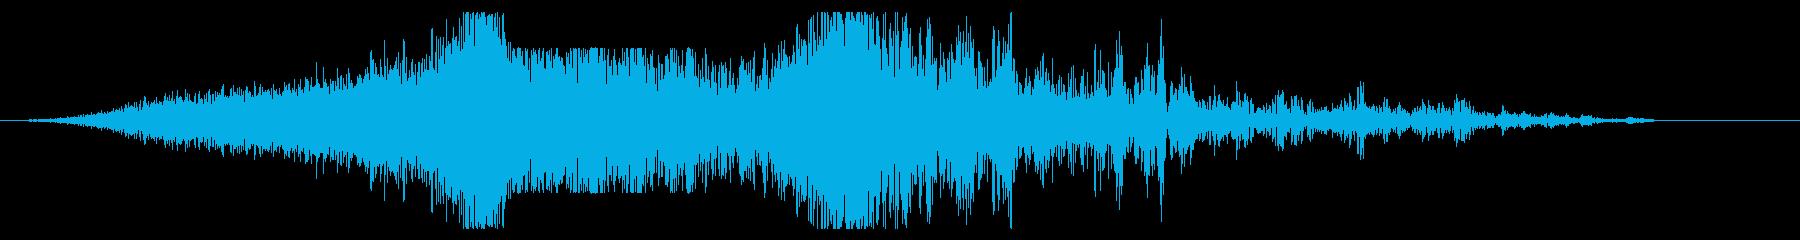 宇宙黙示録爆発、サンダーの再生済みの波形